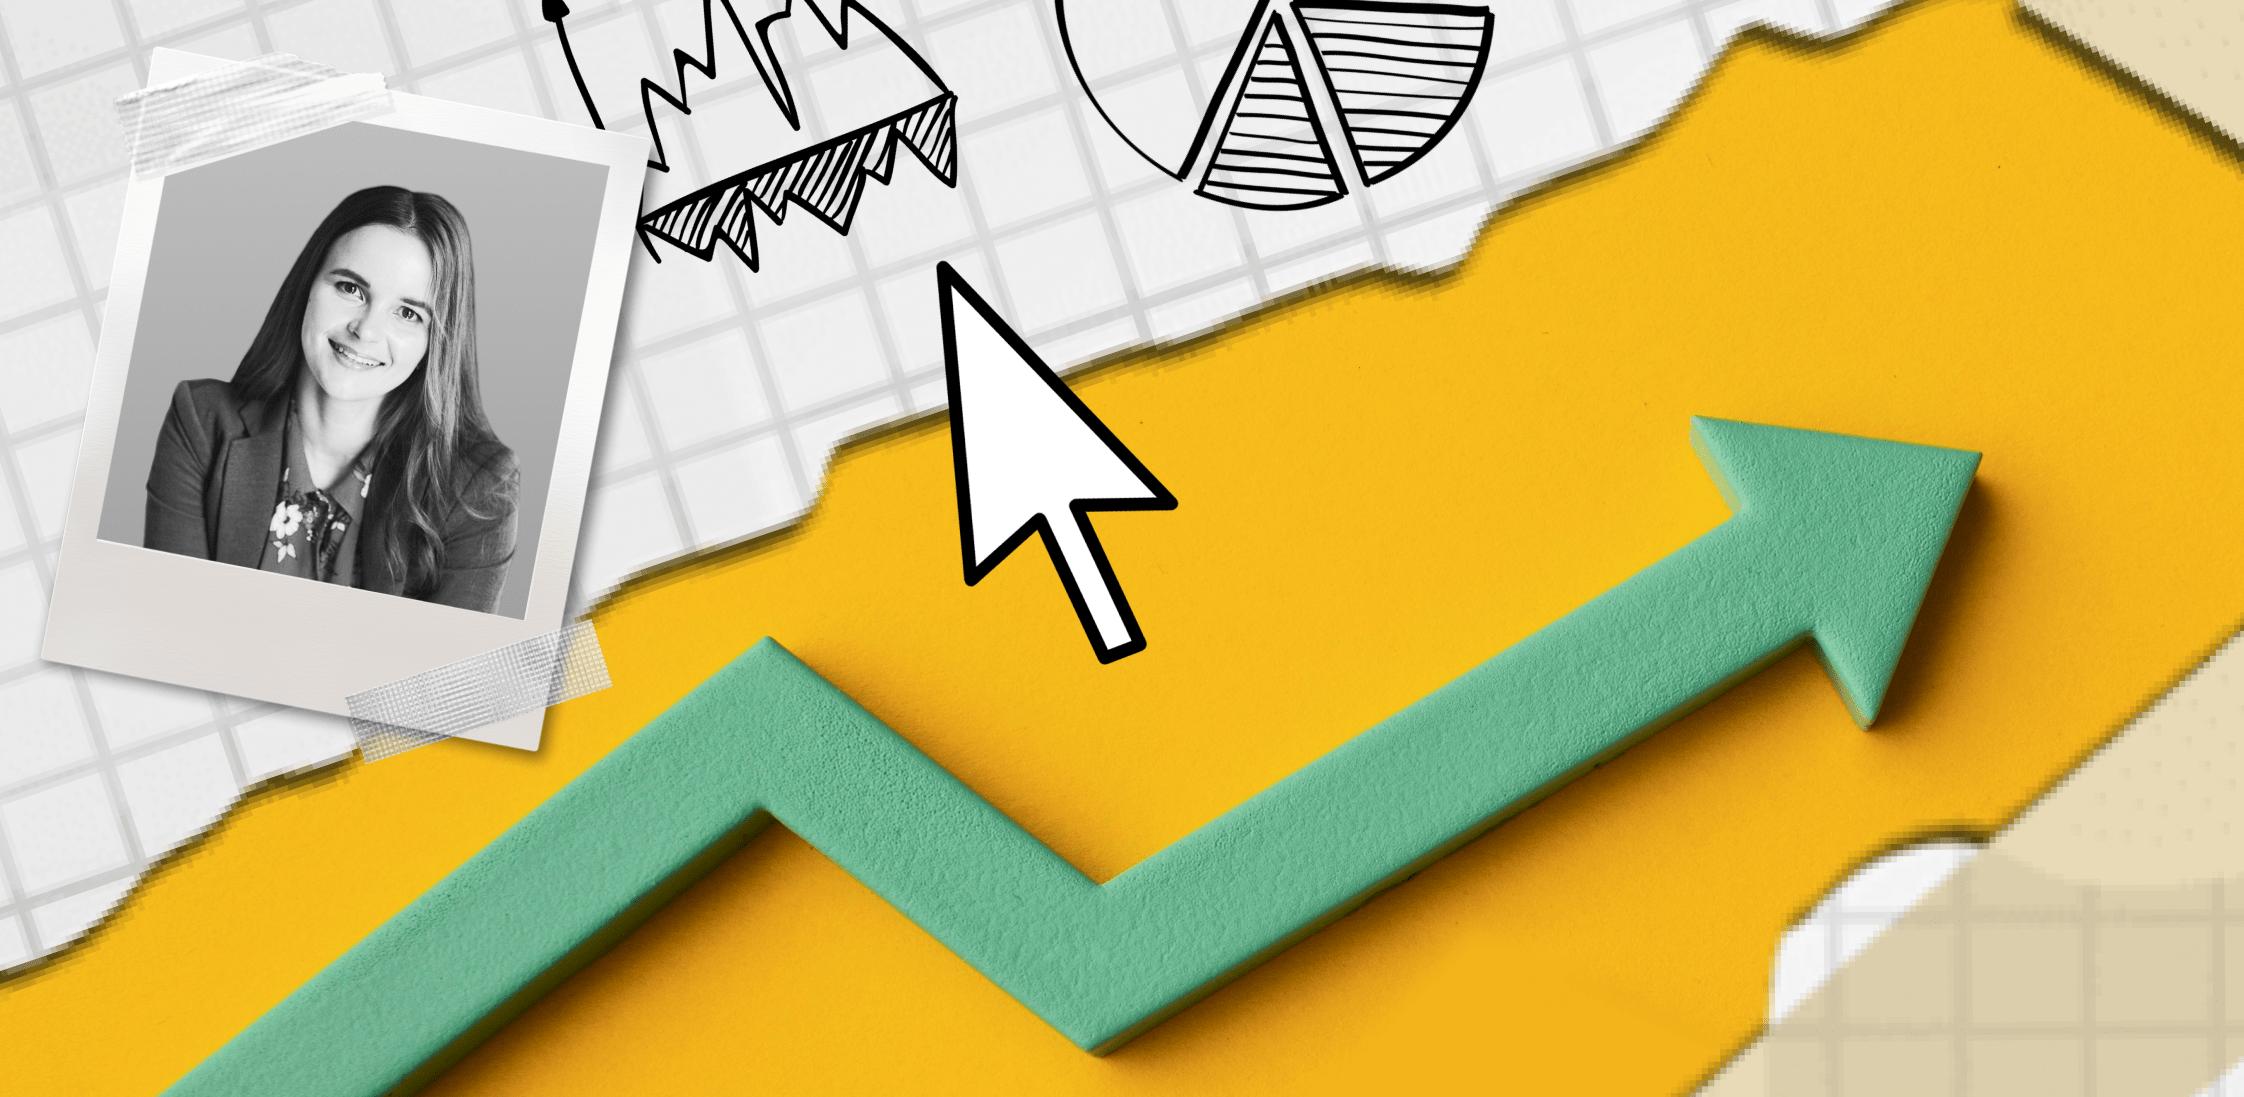 Аналітика у продуктовому маркетингу: метрики, лайвхаки, відмінності для B2B та B2C, Блог Admixer Academy